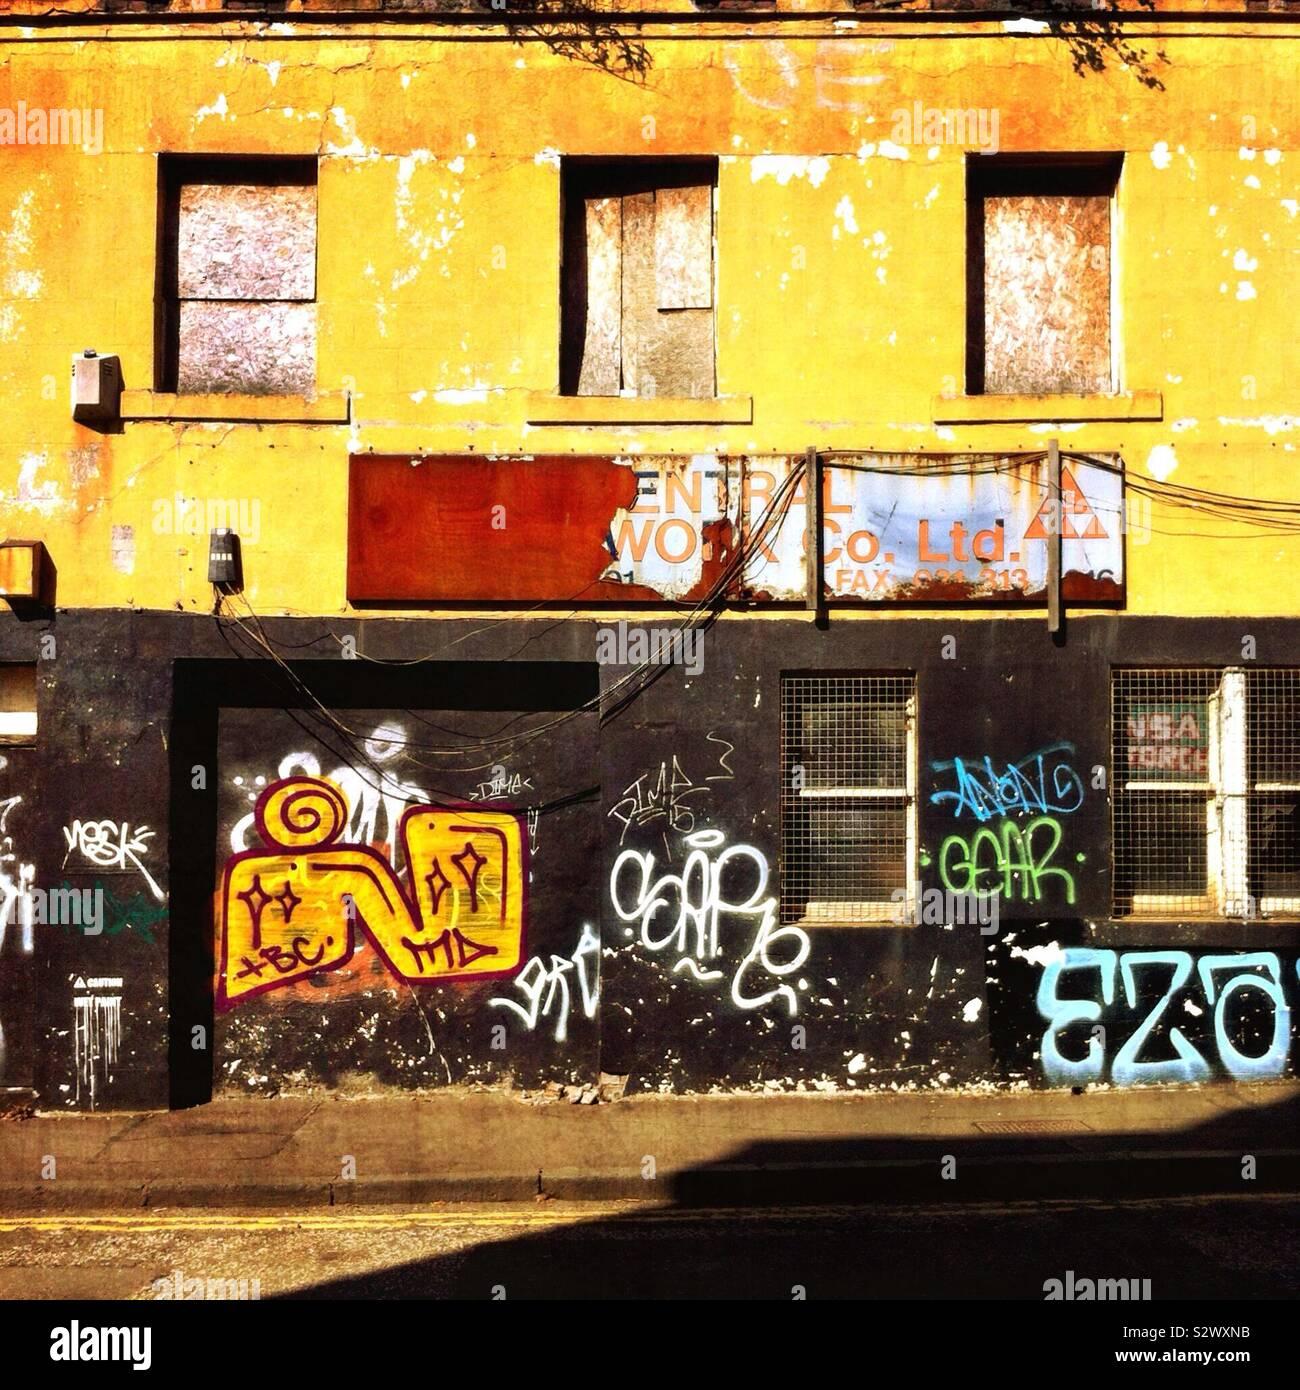 Urban grunge escena callejera con graffiti Foto de stock